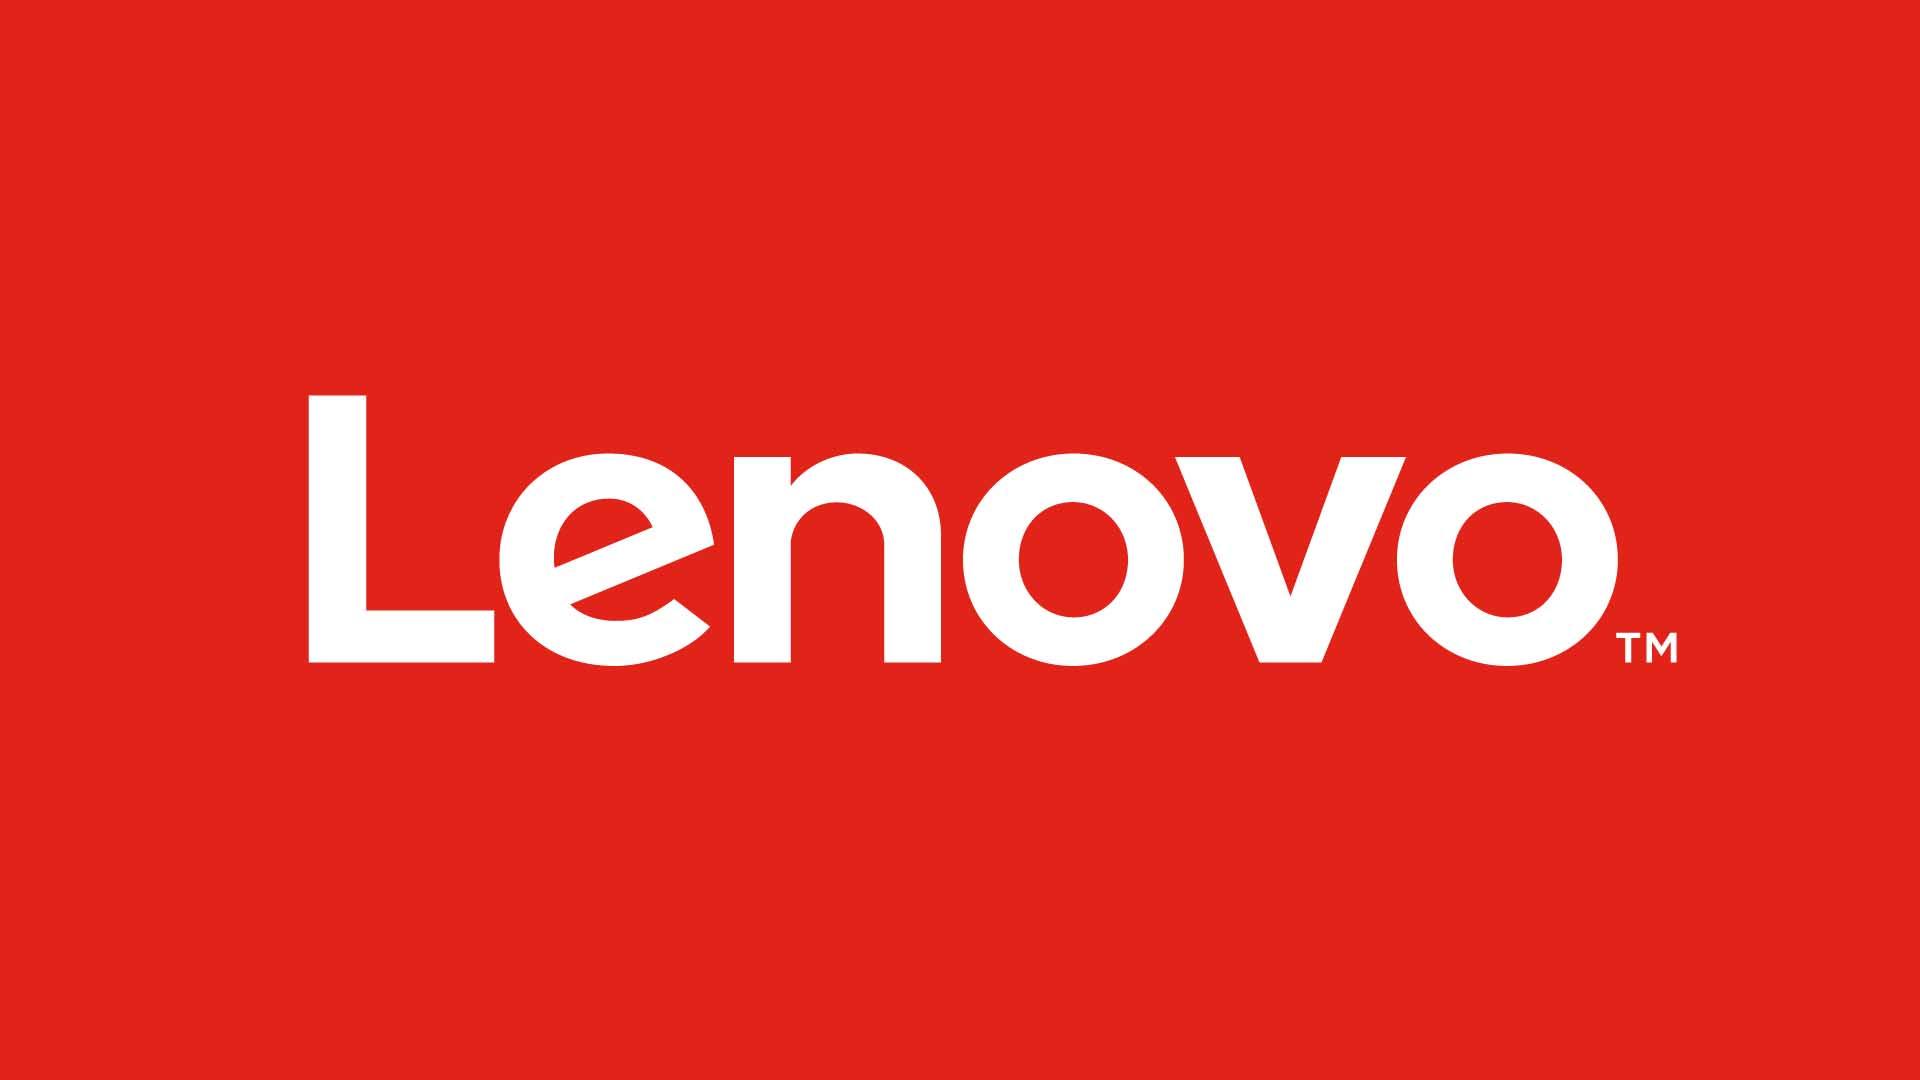 Lenovo South Africa